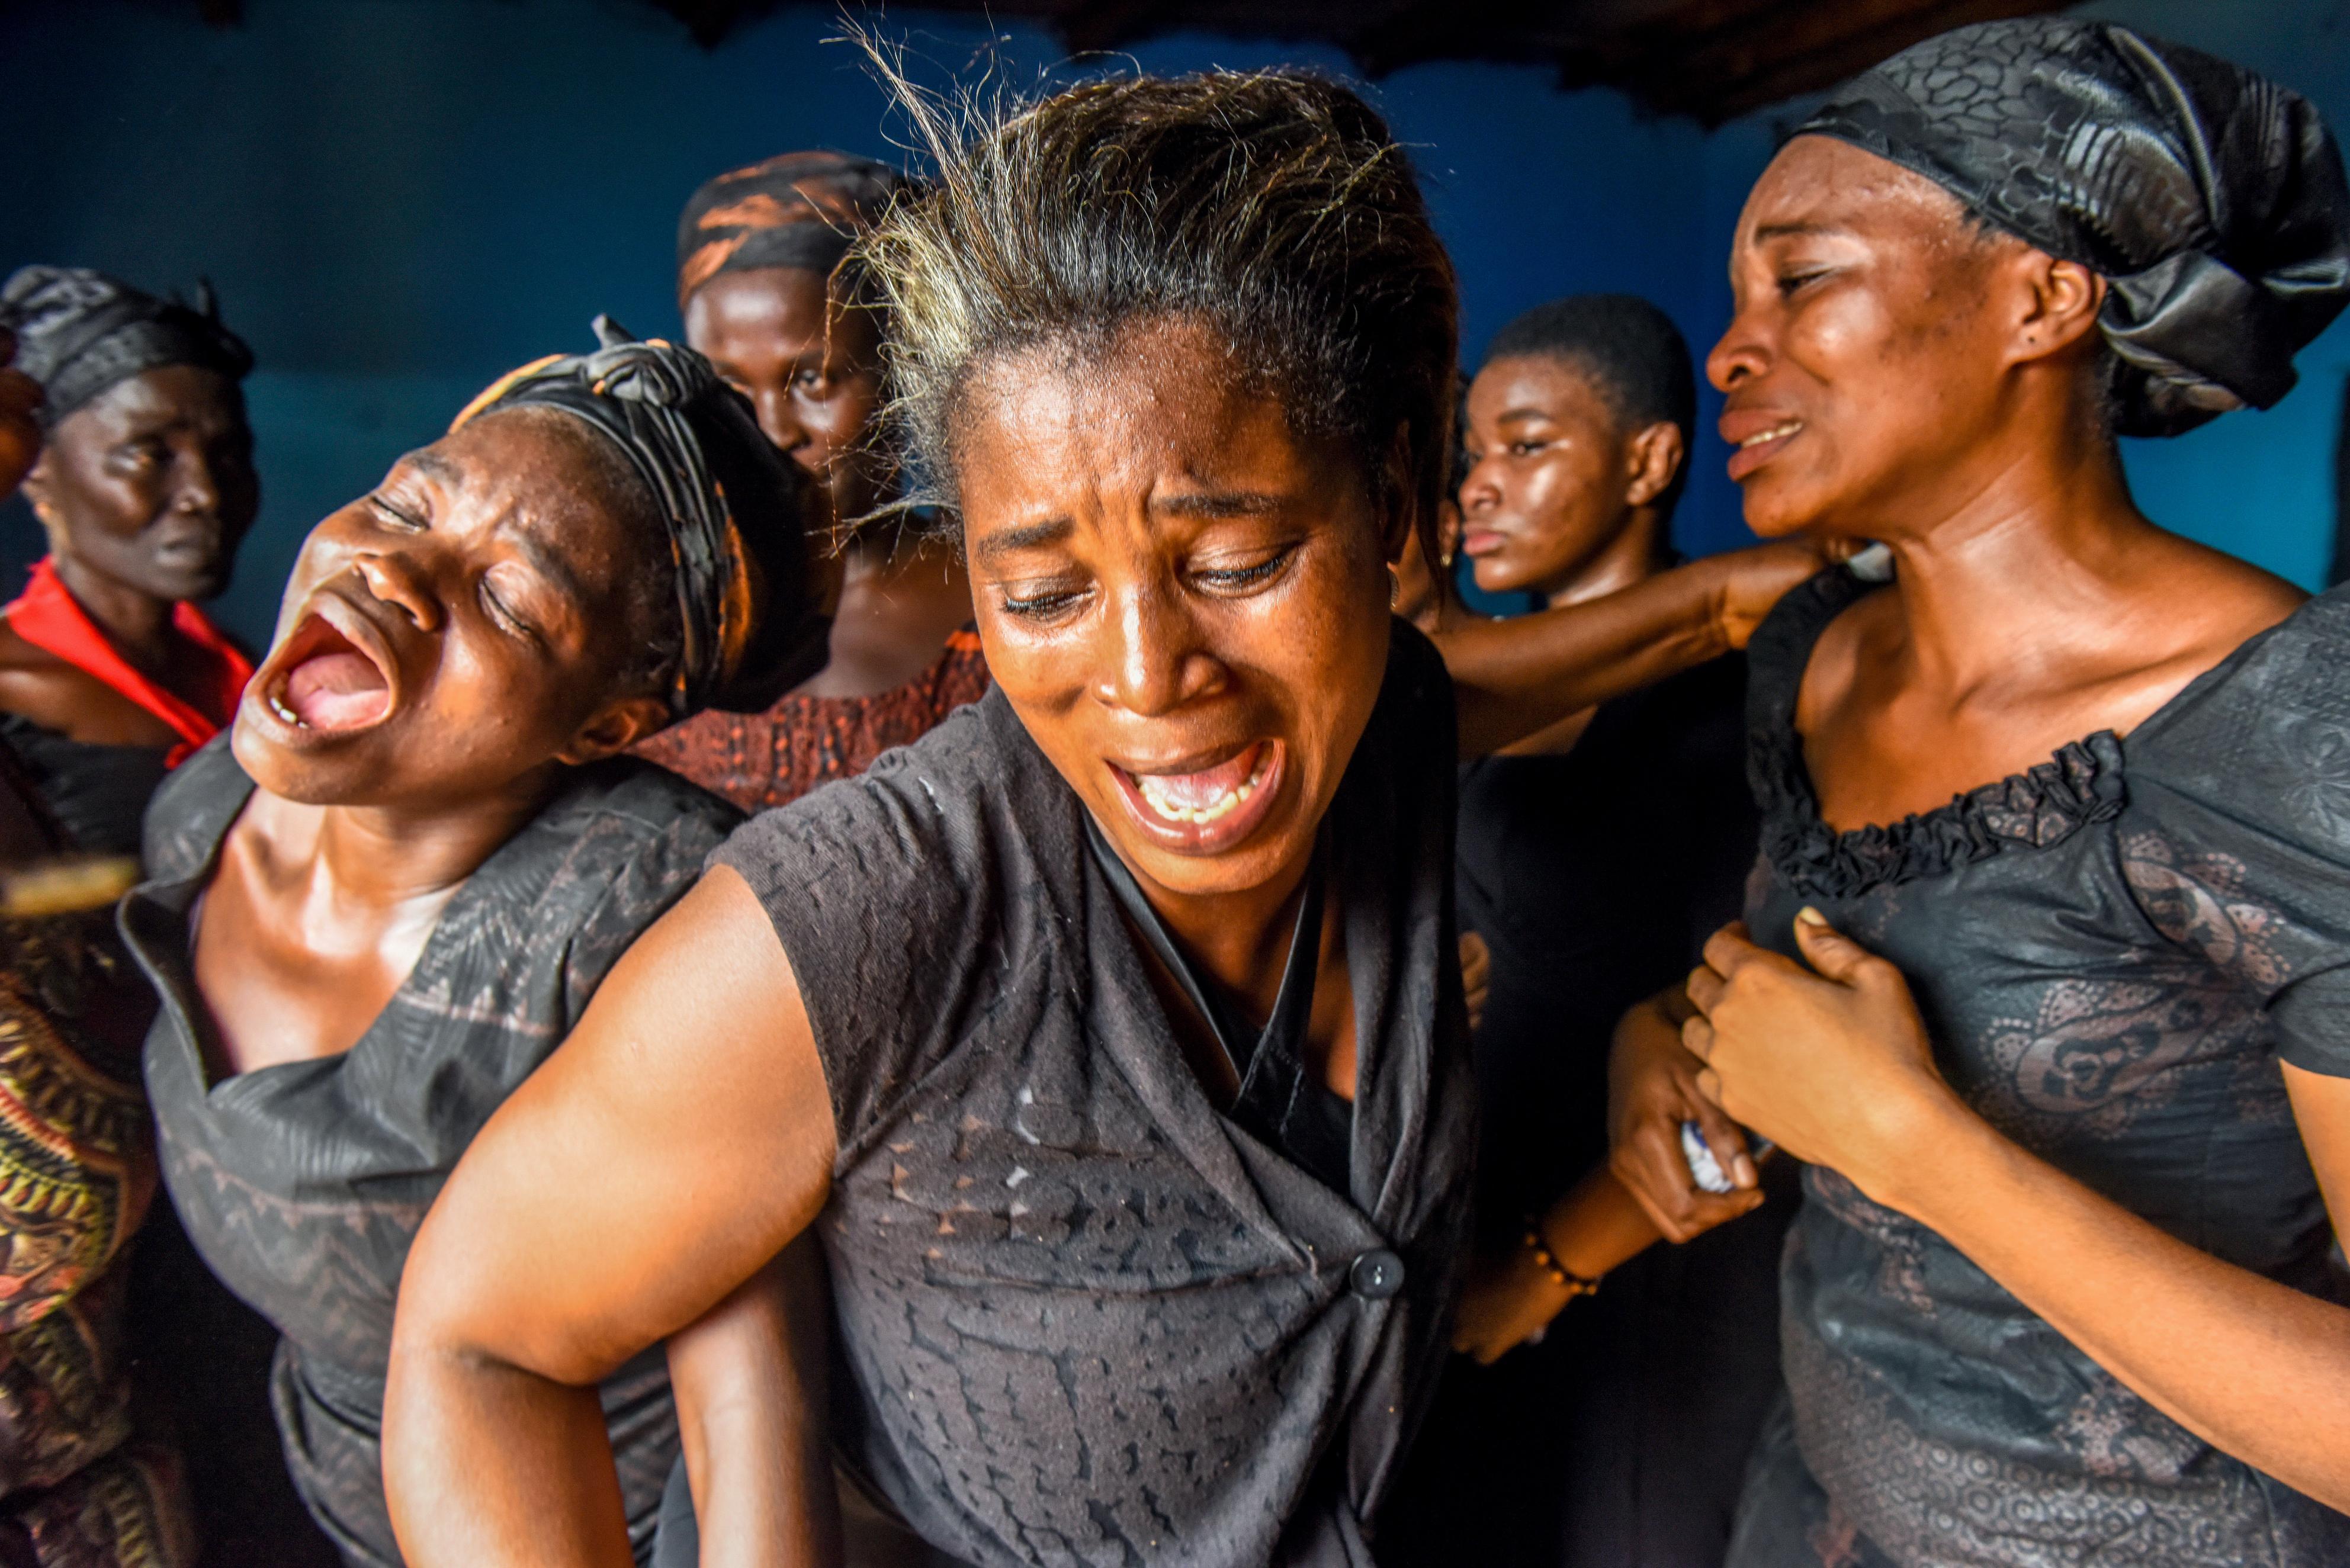 ジョセフの死を嘆き、遺体を前に号泣する遺族の女性たち。それぞれがあふれ出る悲しみに身を任せていた=ガーナ南部マンフォード(撮影・中野智明、共同)